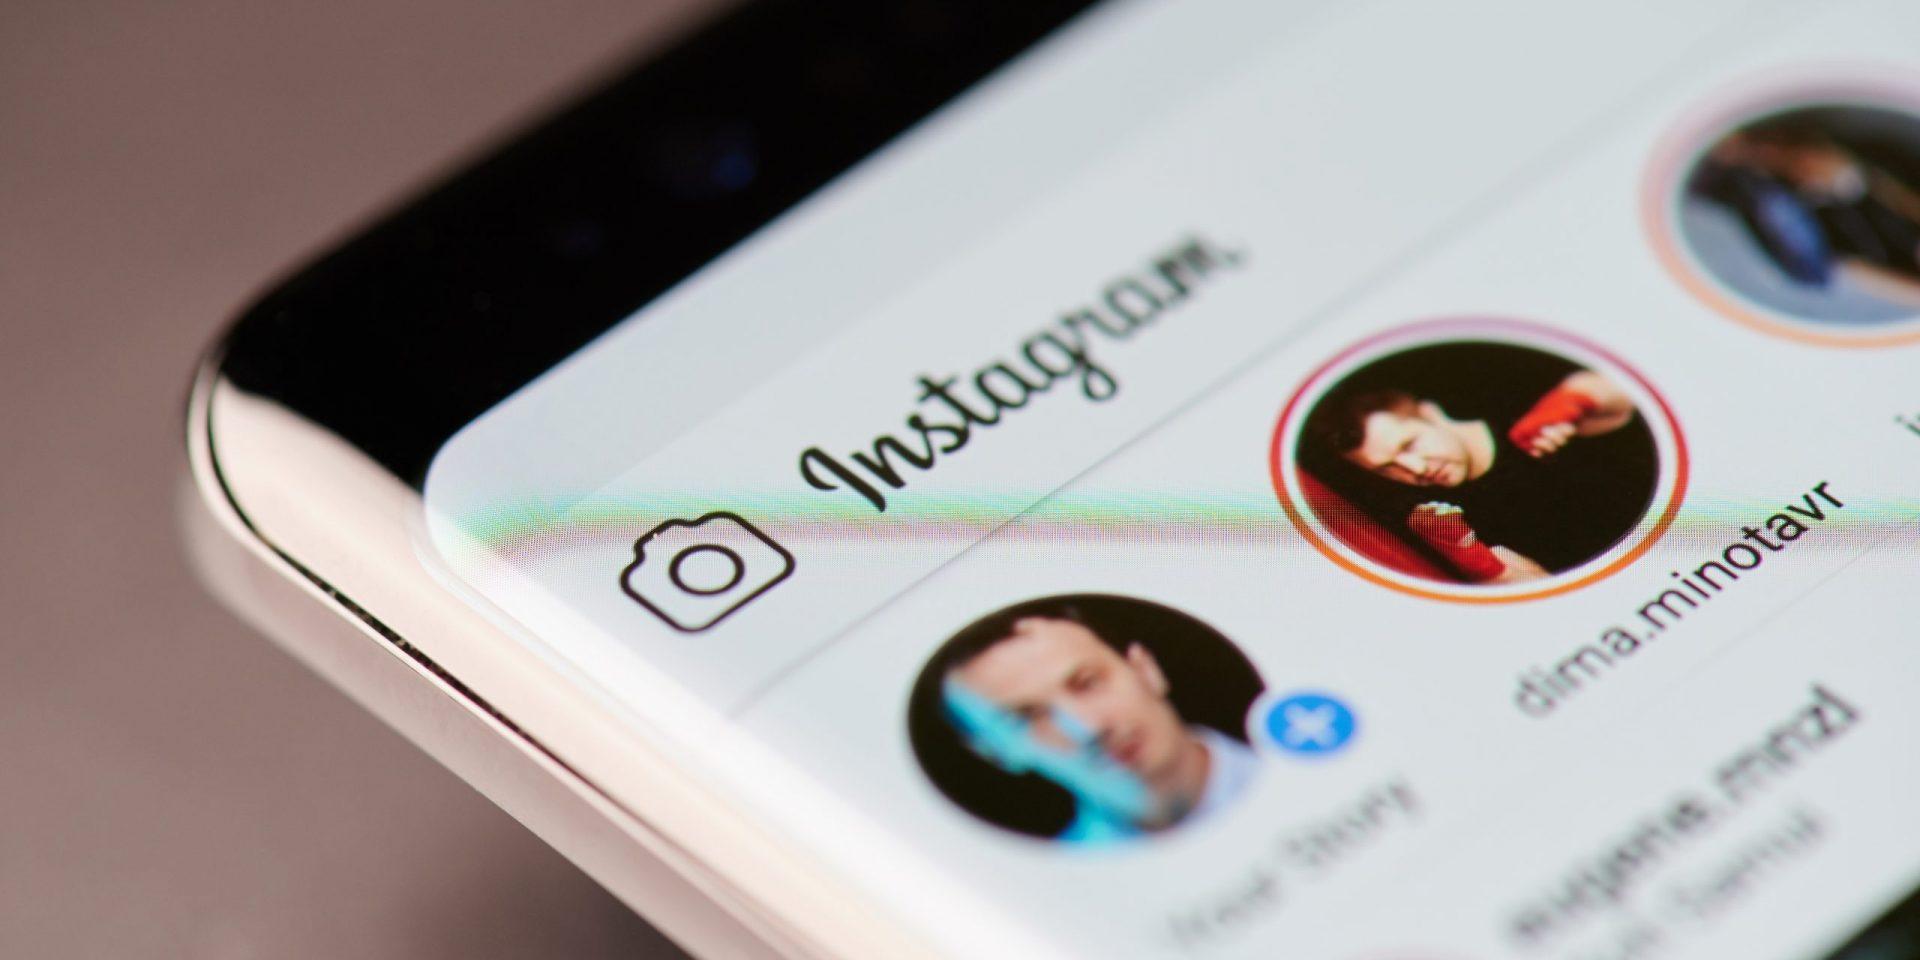 En 2021, comment tirer profit des stories dans les médias sociaux?